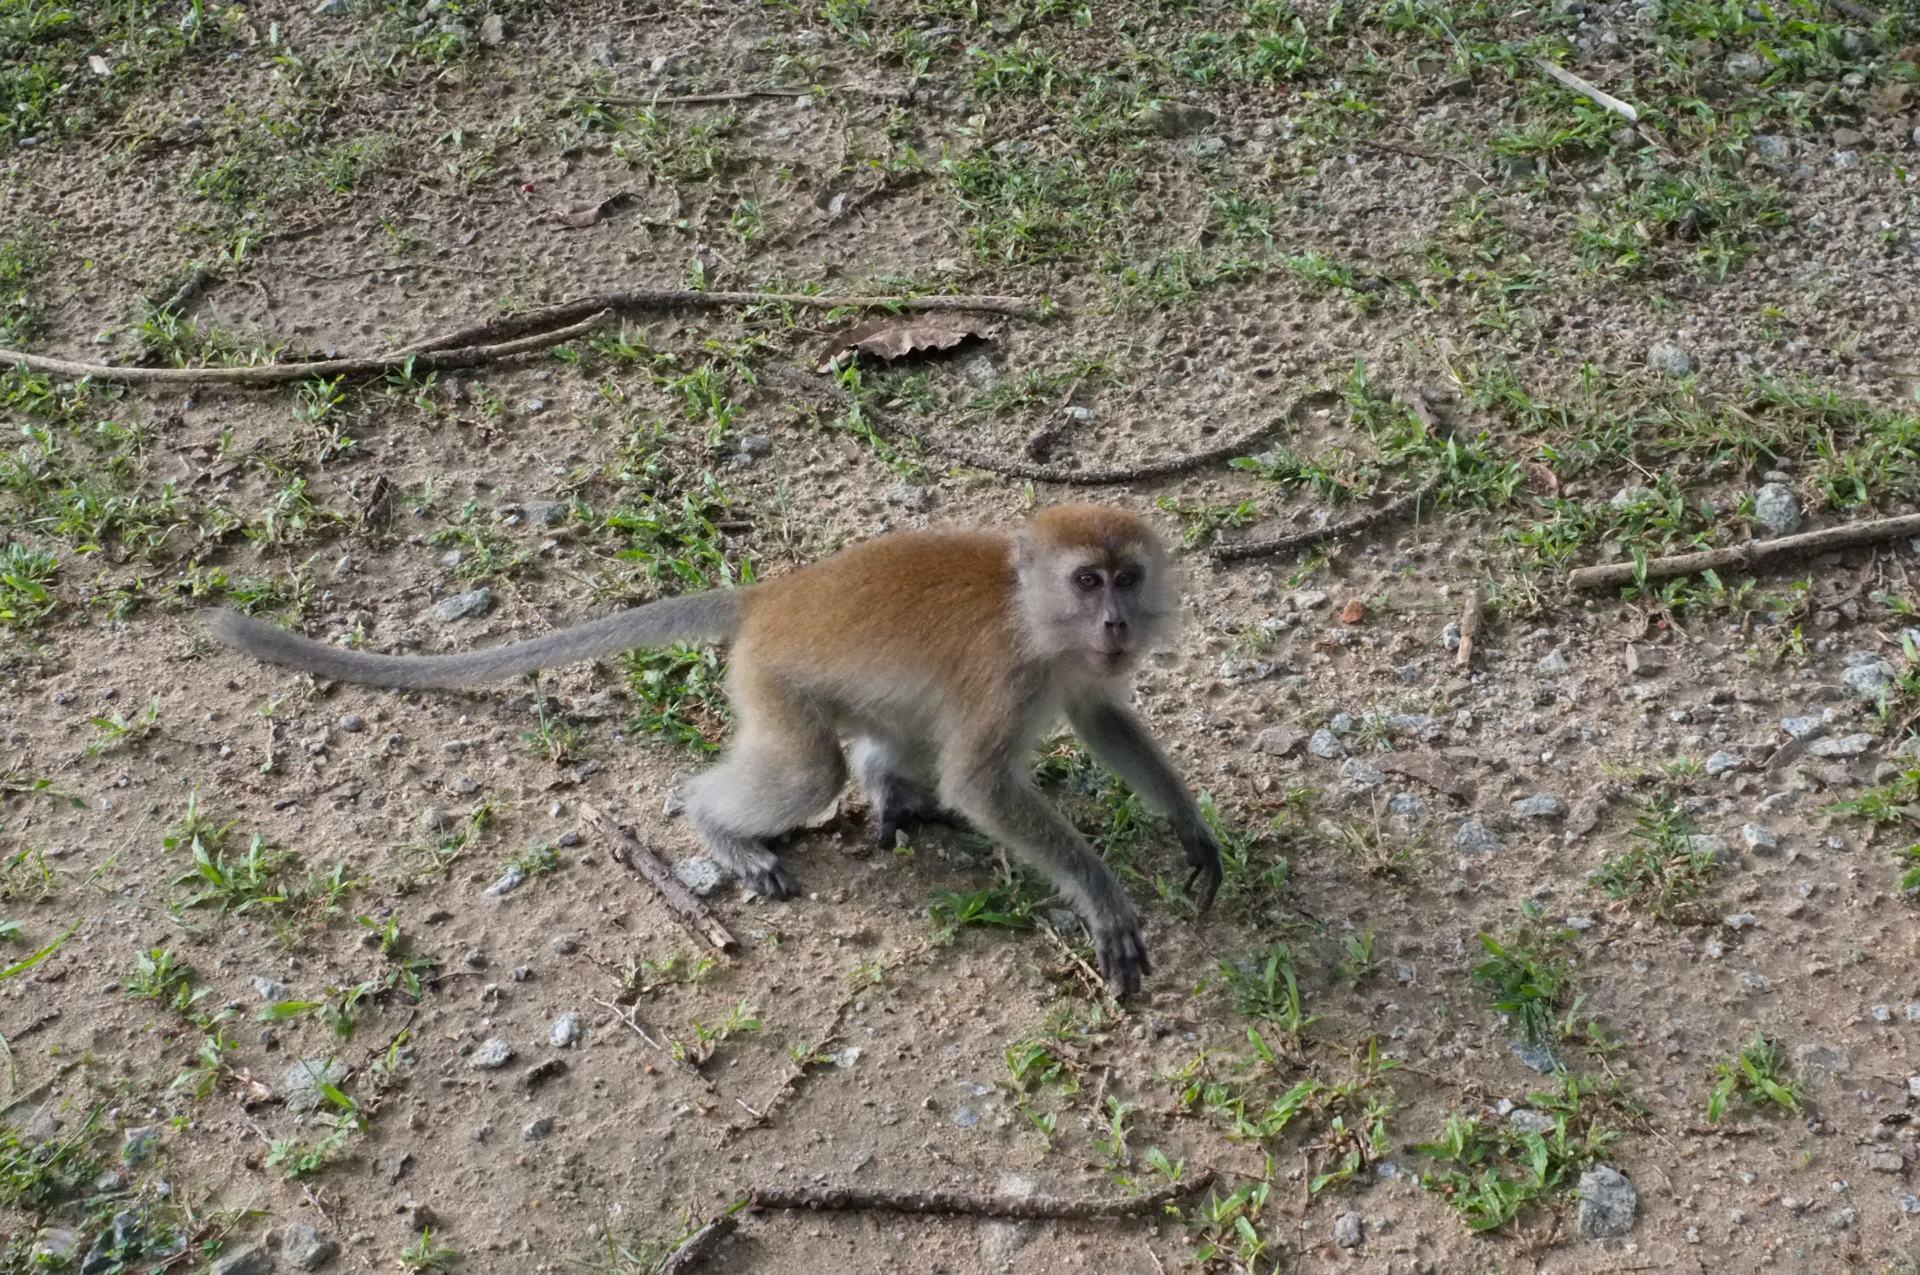 Tioman monkey